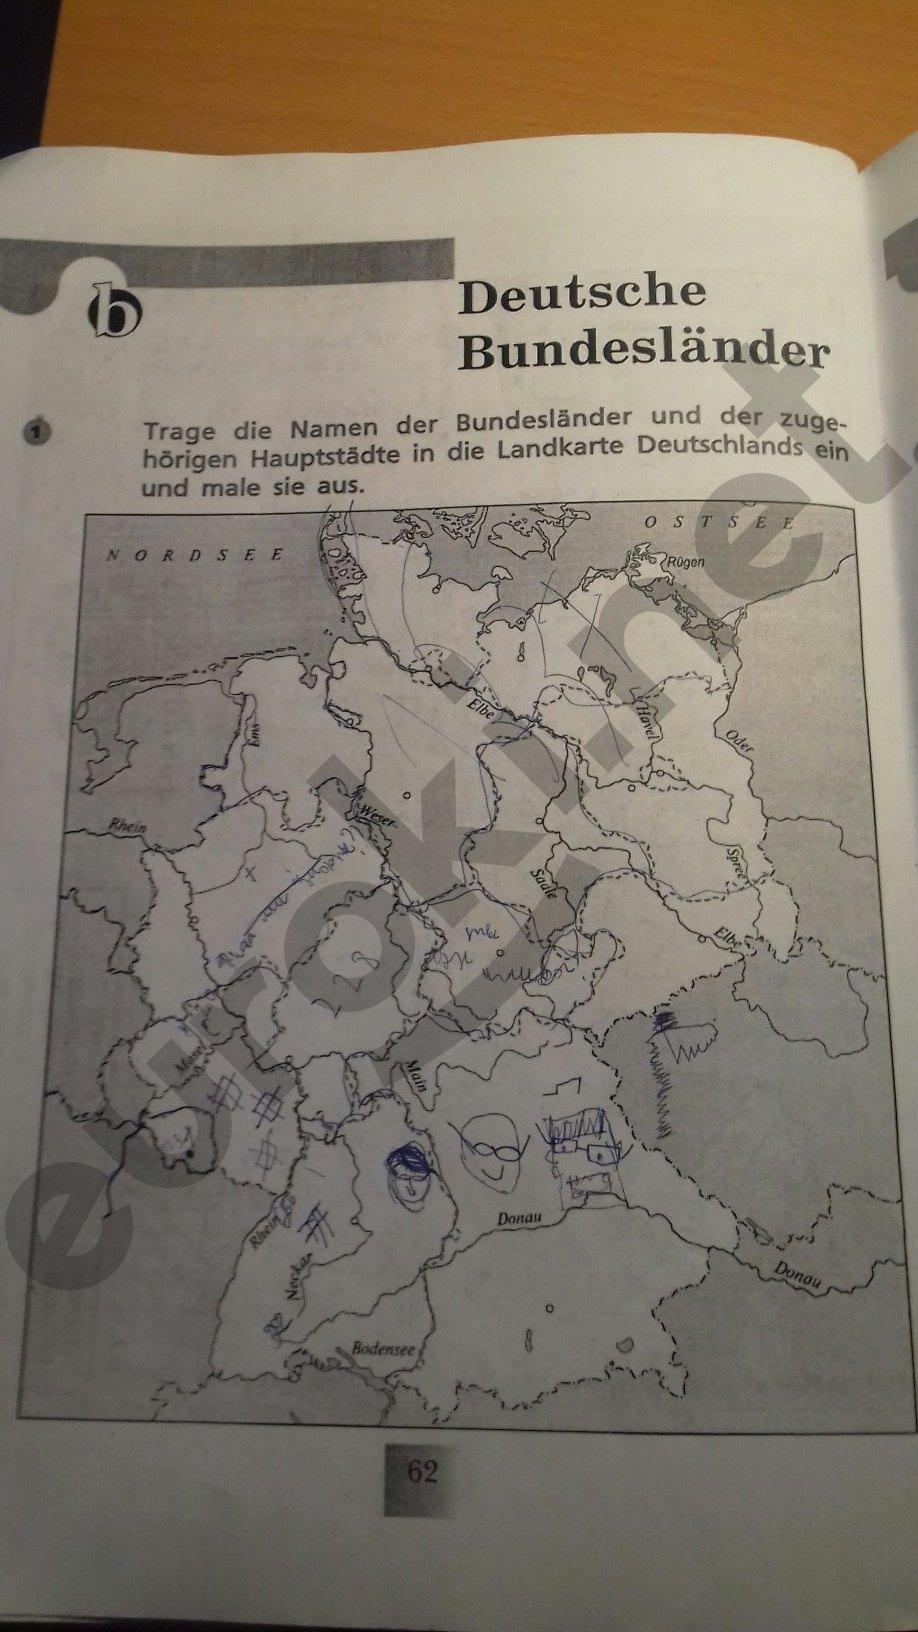 ГДЗ по немецкому языку 6 класс рабочая тетрадь Артемова. Задание: стр. 62